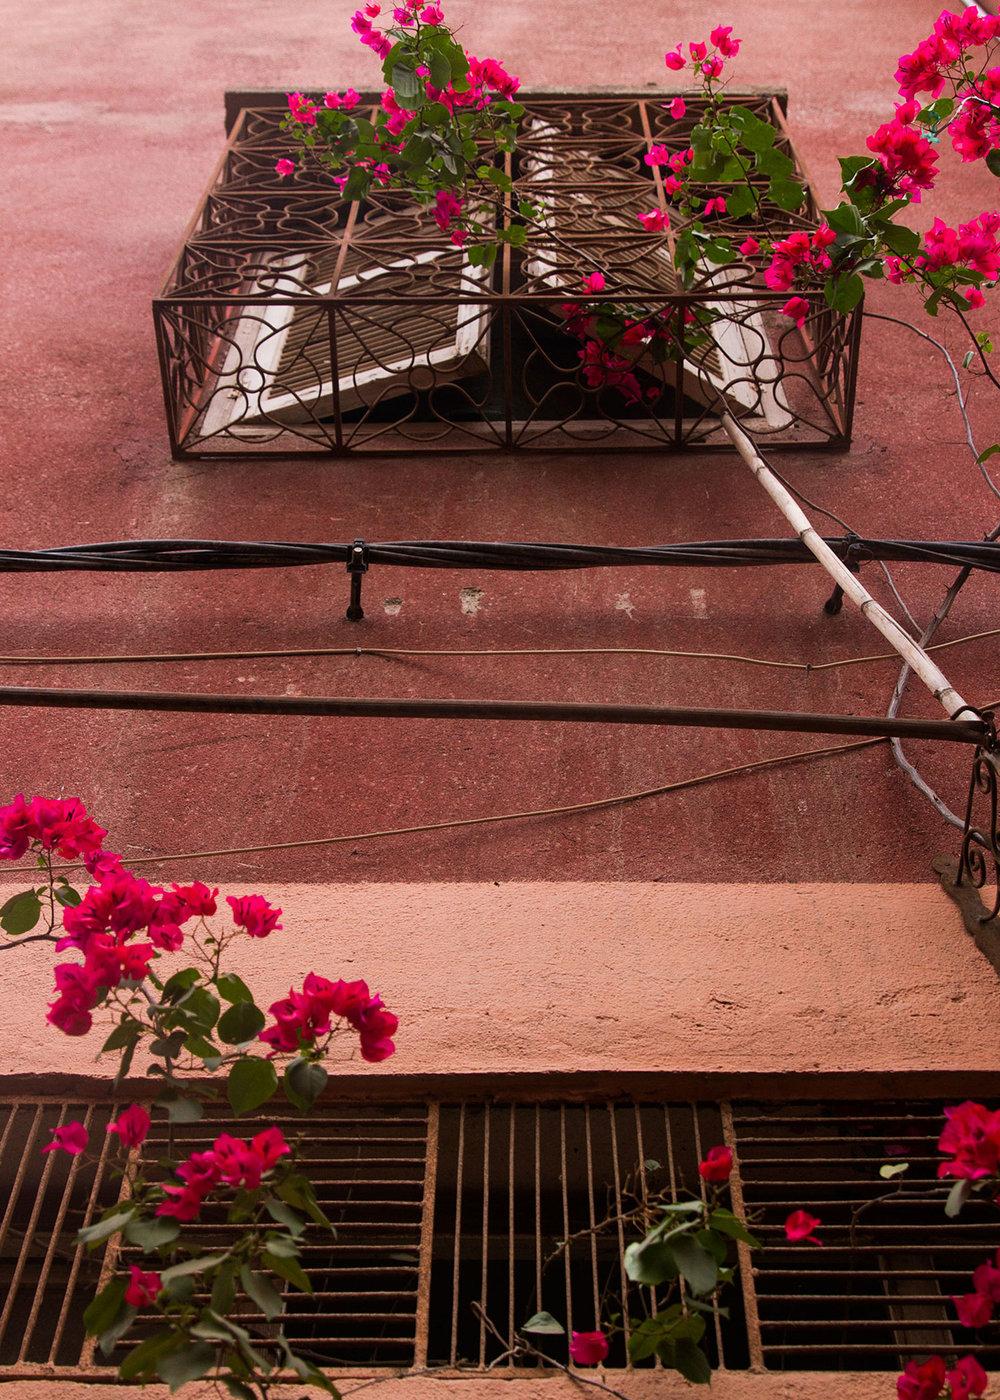 06_NOMNOM_Reise_Marrakech-.jpg